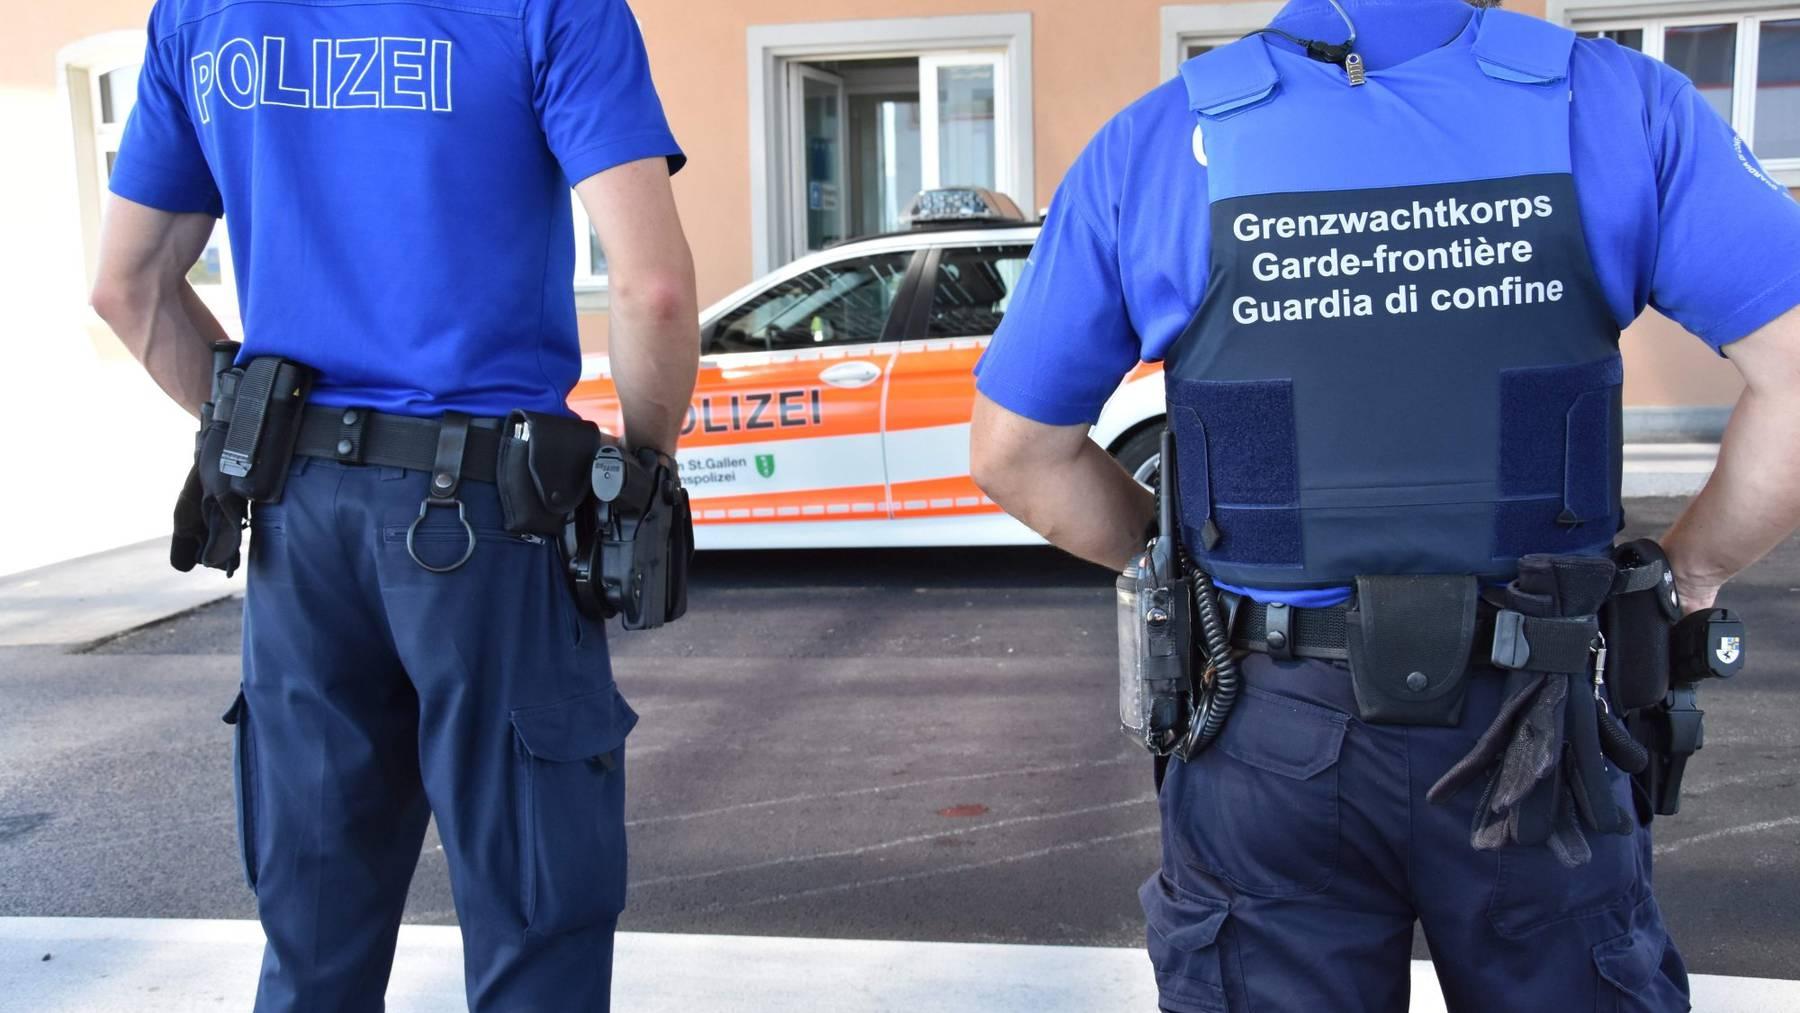 Die Polizei und das Grenzwachtkorps konnten den Mann fassen.